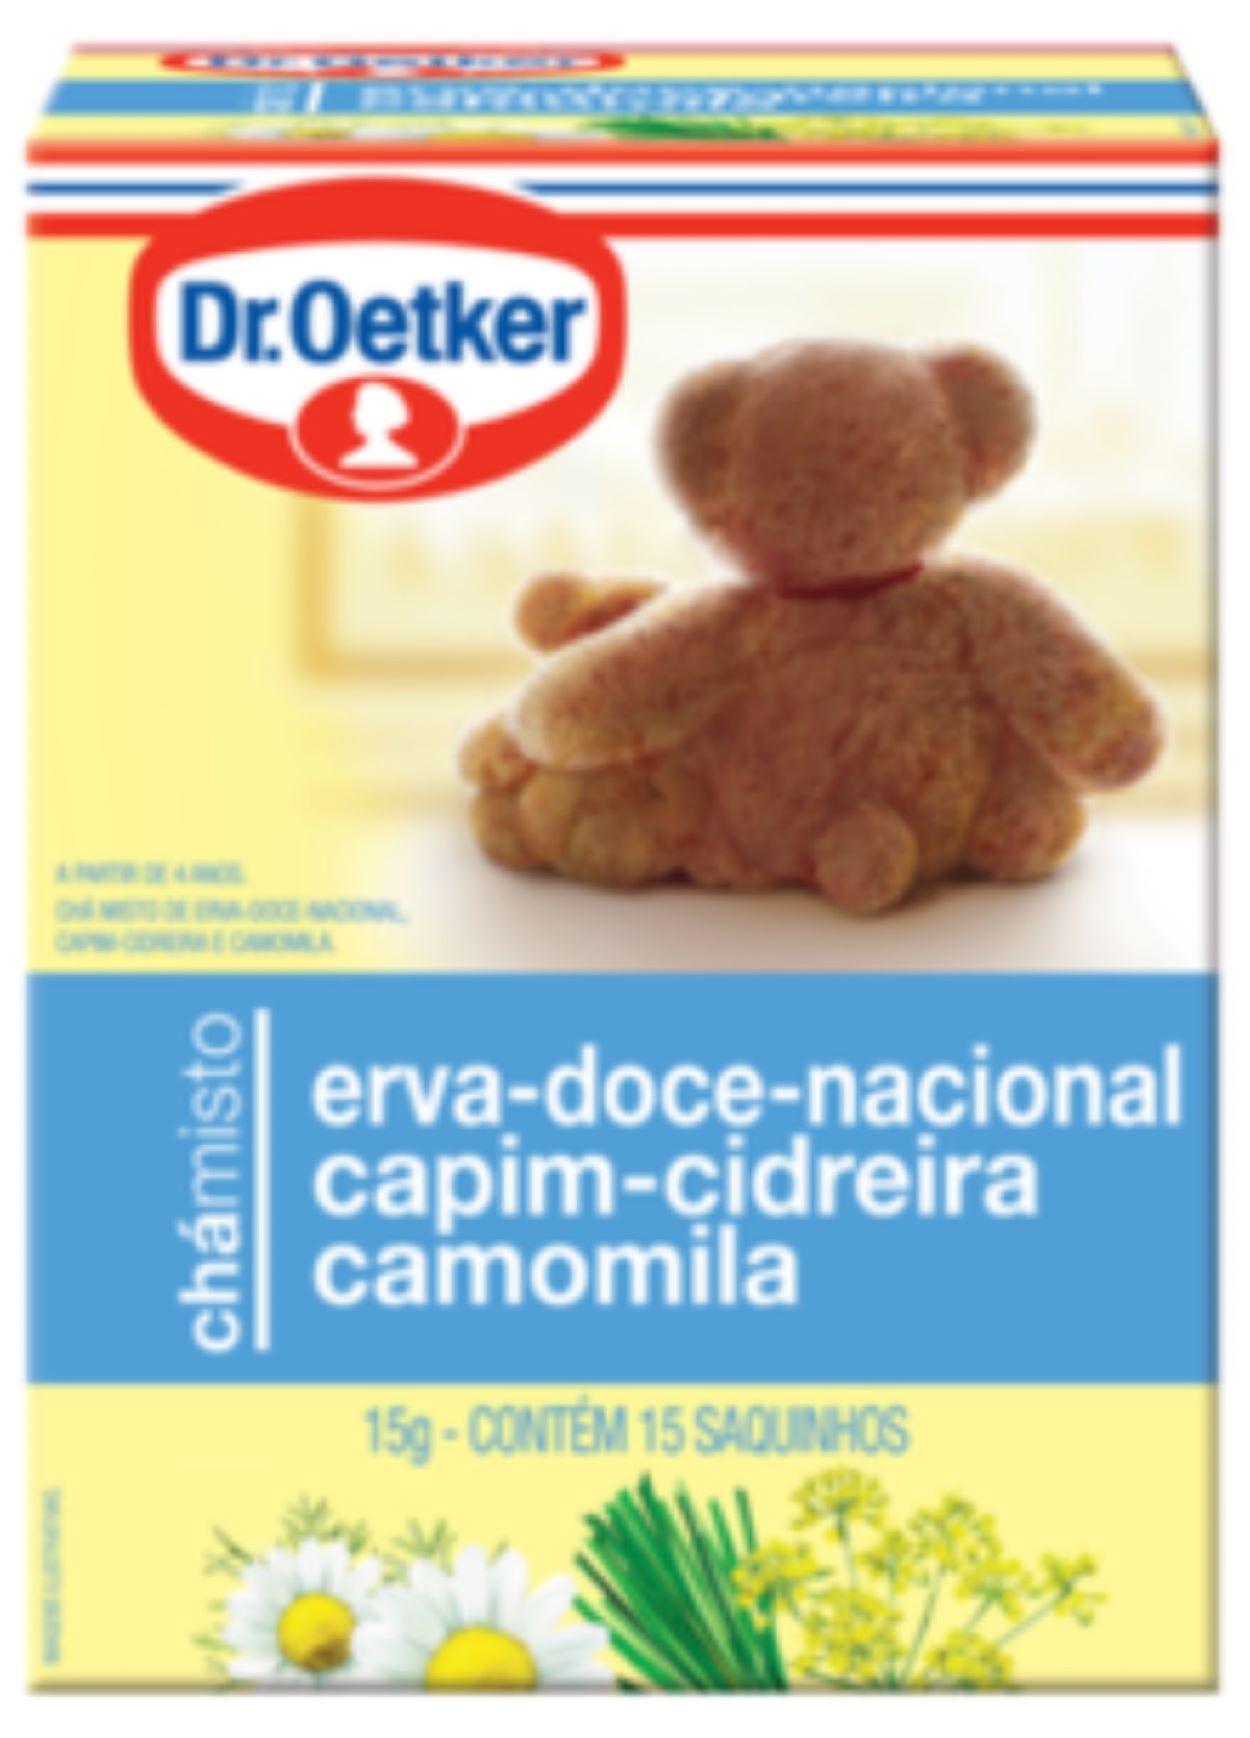 Chá Erva Doce, Cidreira e Camomila Dr. Oetker Kit com 4 Caixas